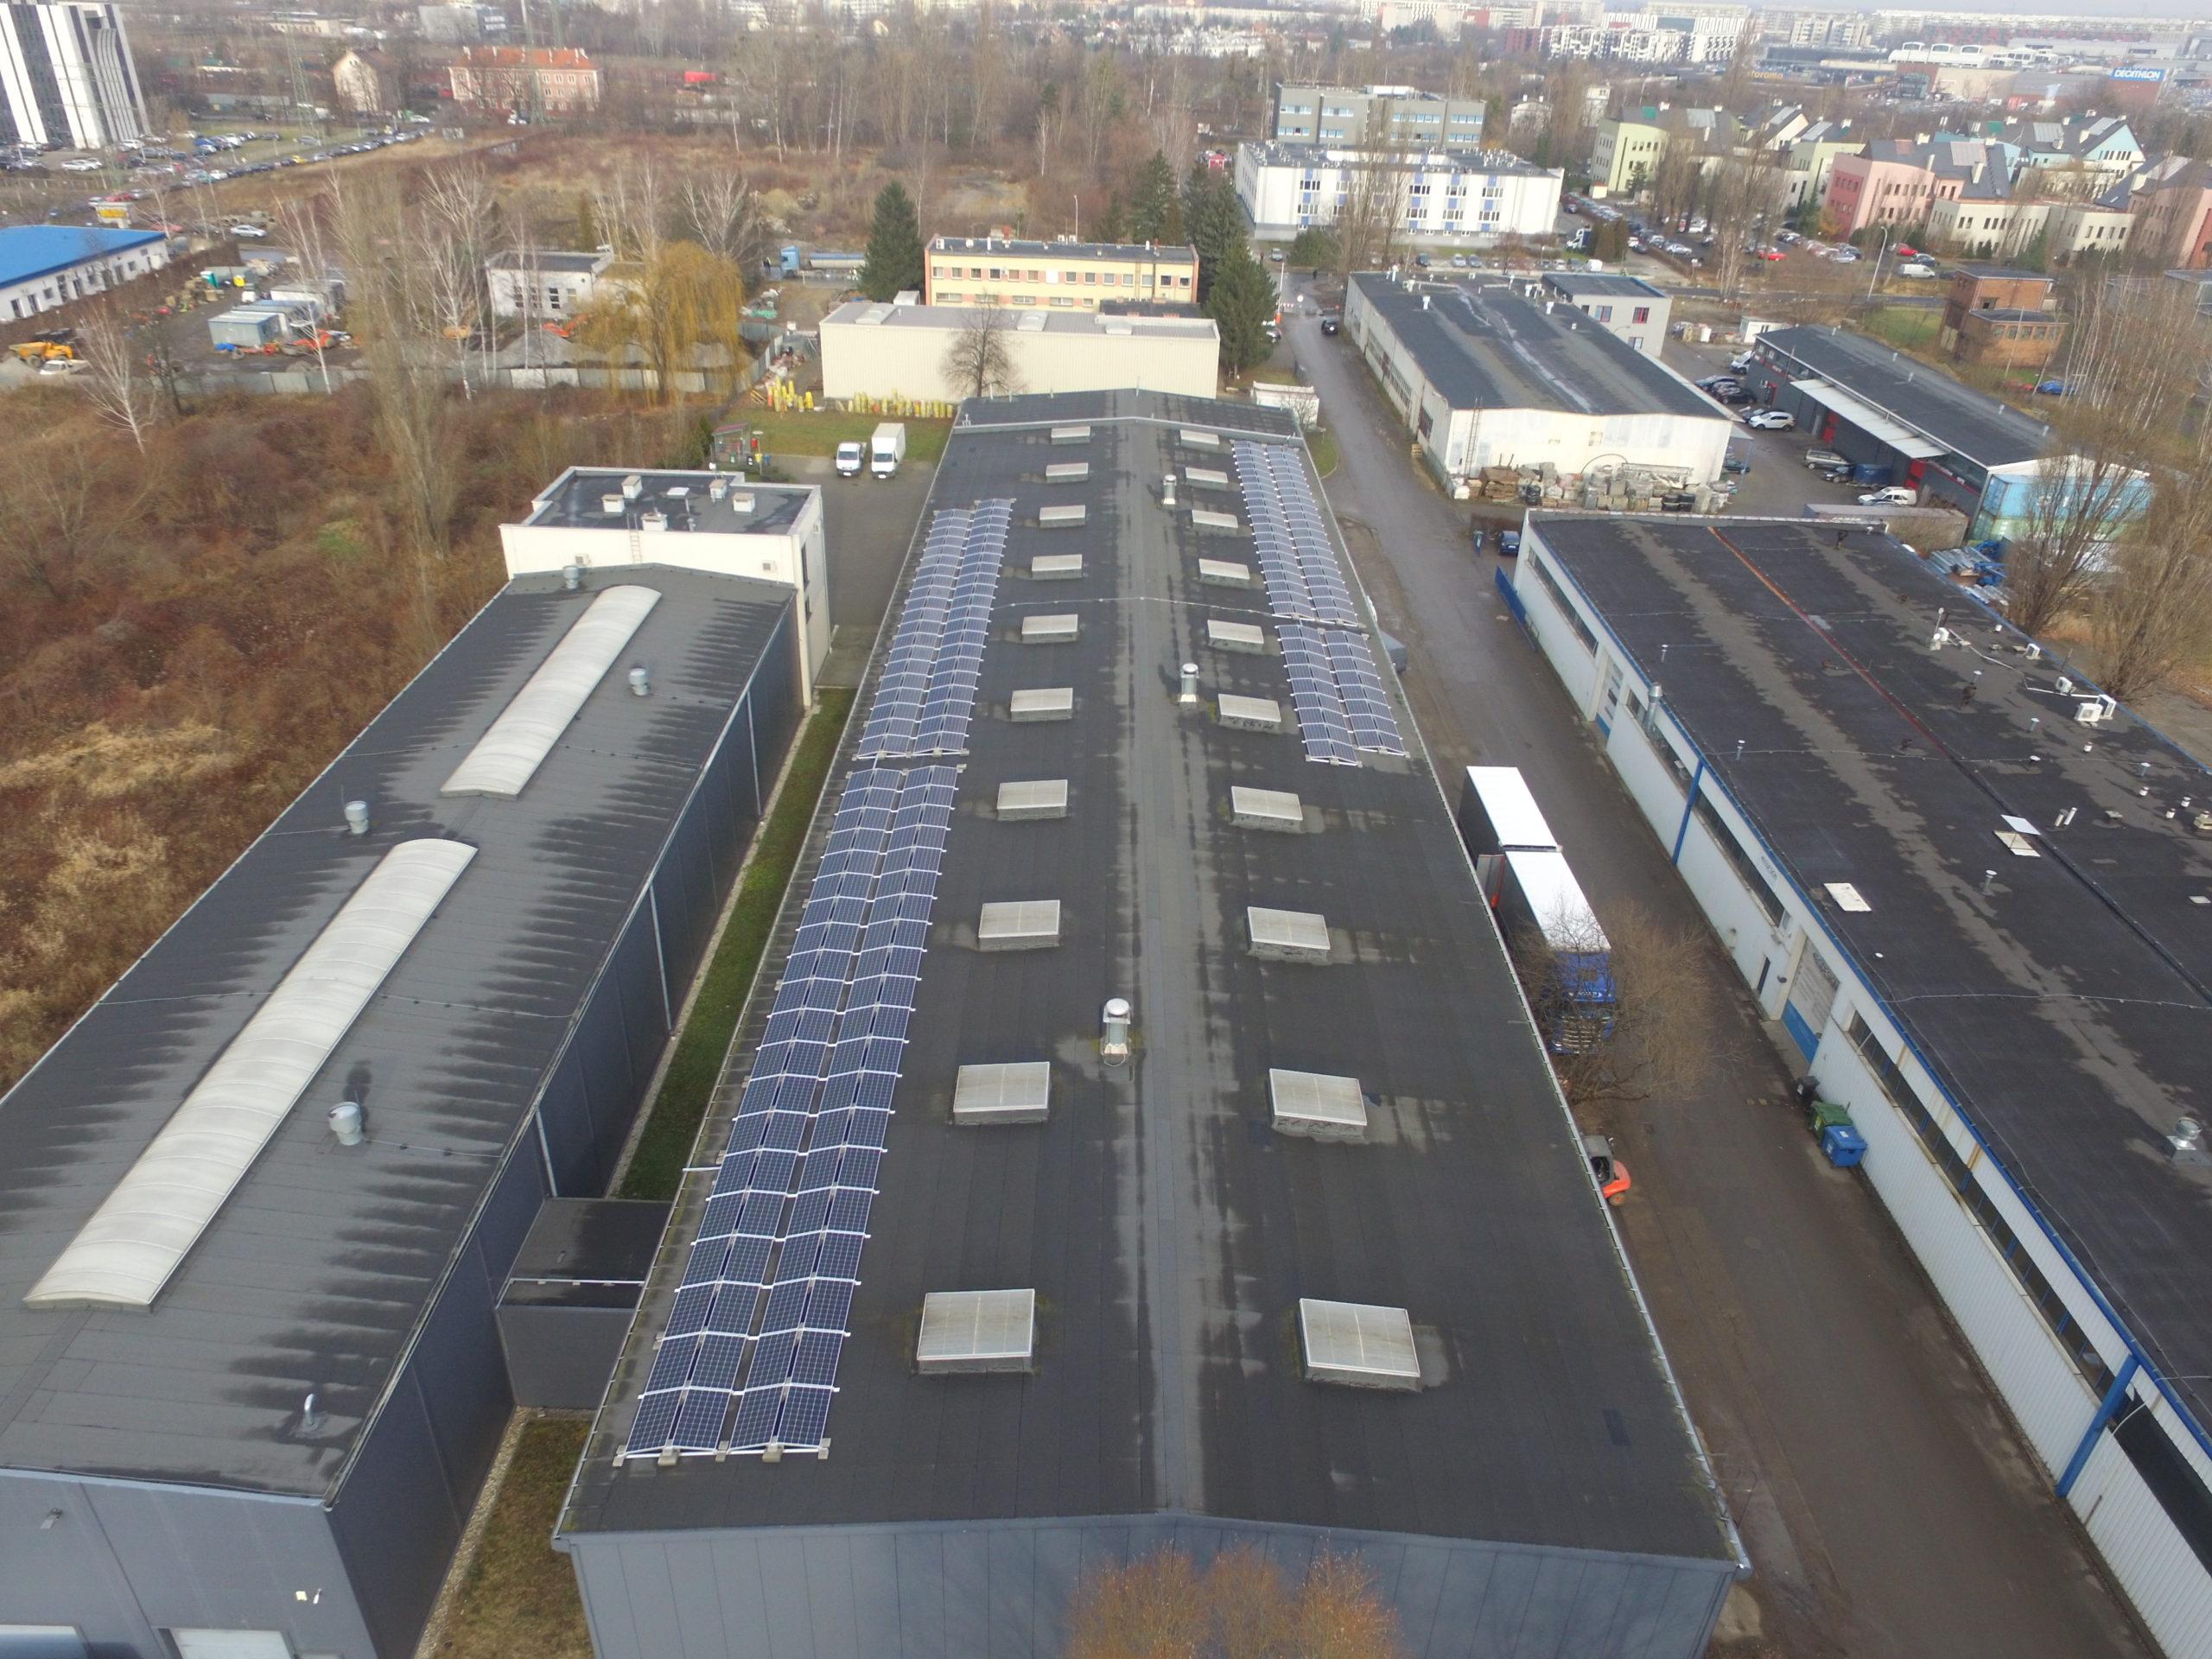 Instalacja fotowoltaiczna o mocy 85 kWp na dachu budynku firmy, Wrocław